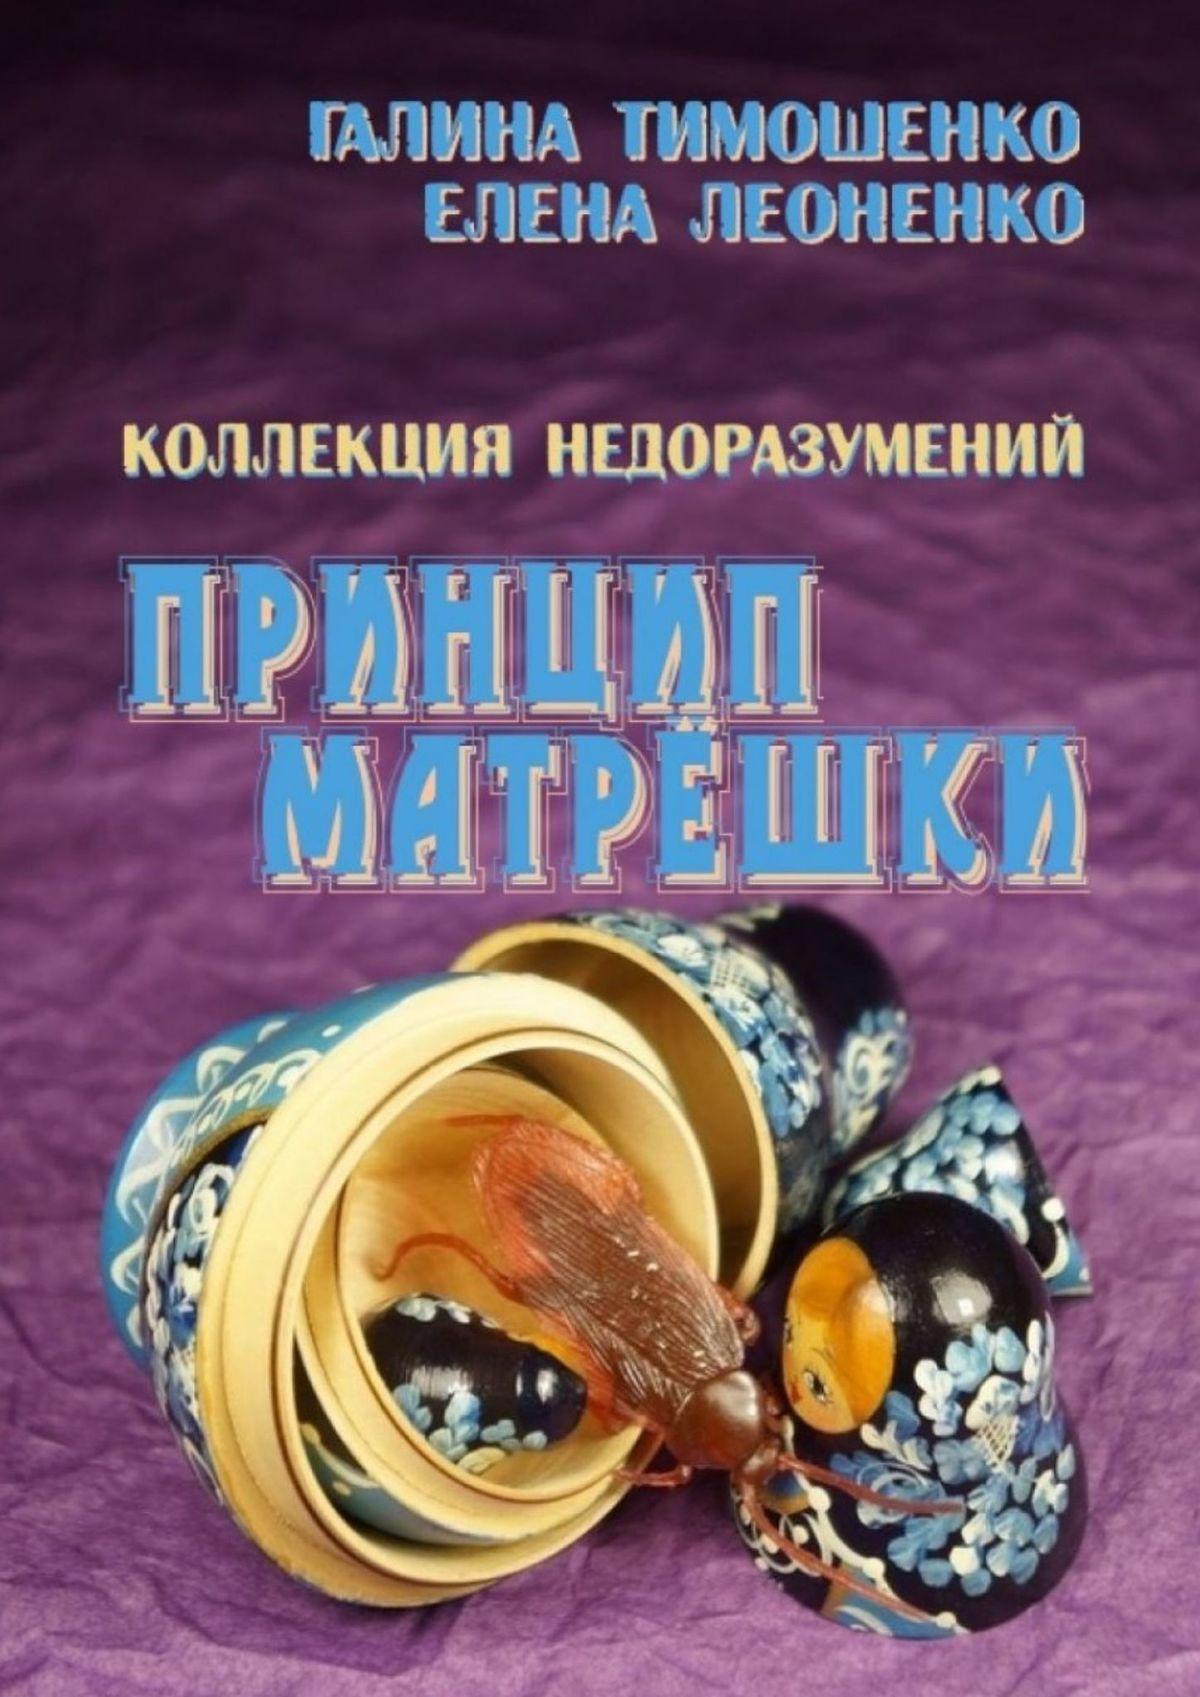 цена на Галина Тимошенко Коллекция недоразумений. Принцип матрёшки